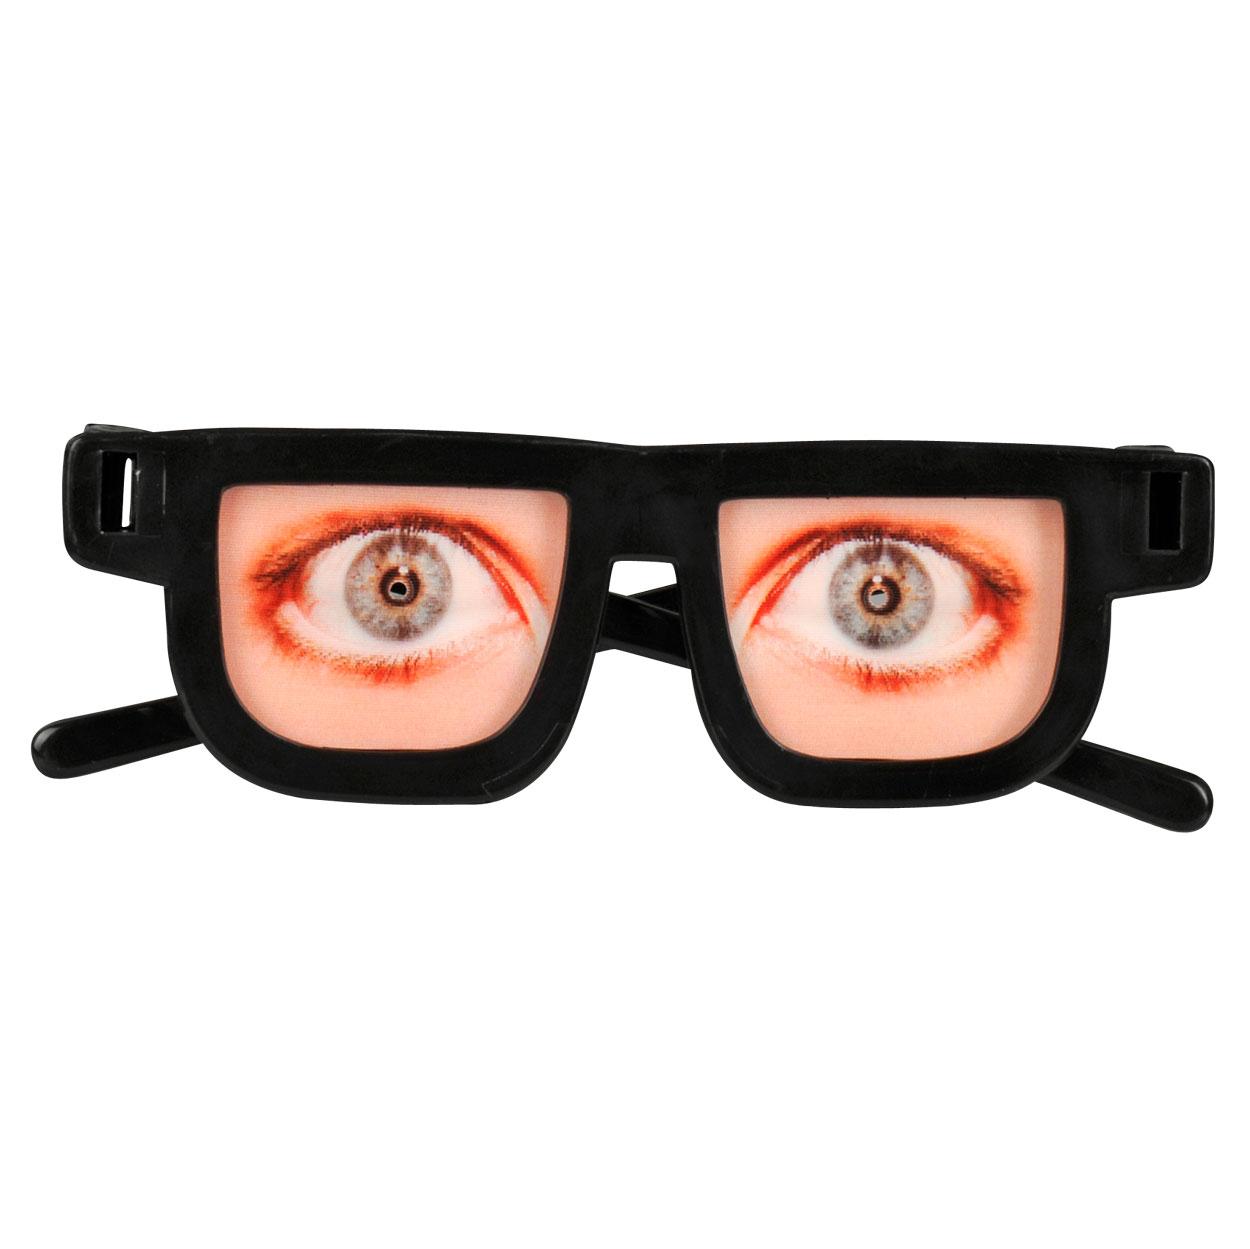 Bril met bewegende ogen online kopen - Ogen grappig ...